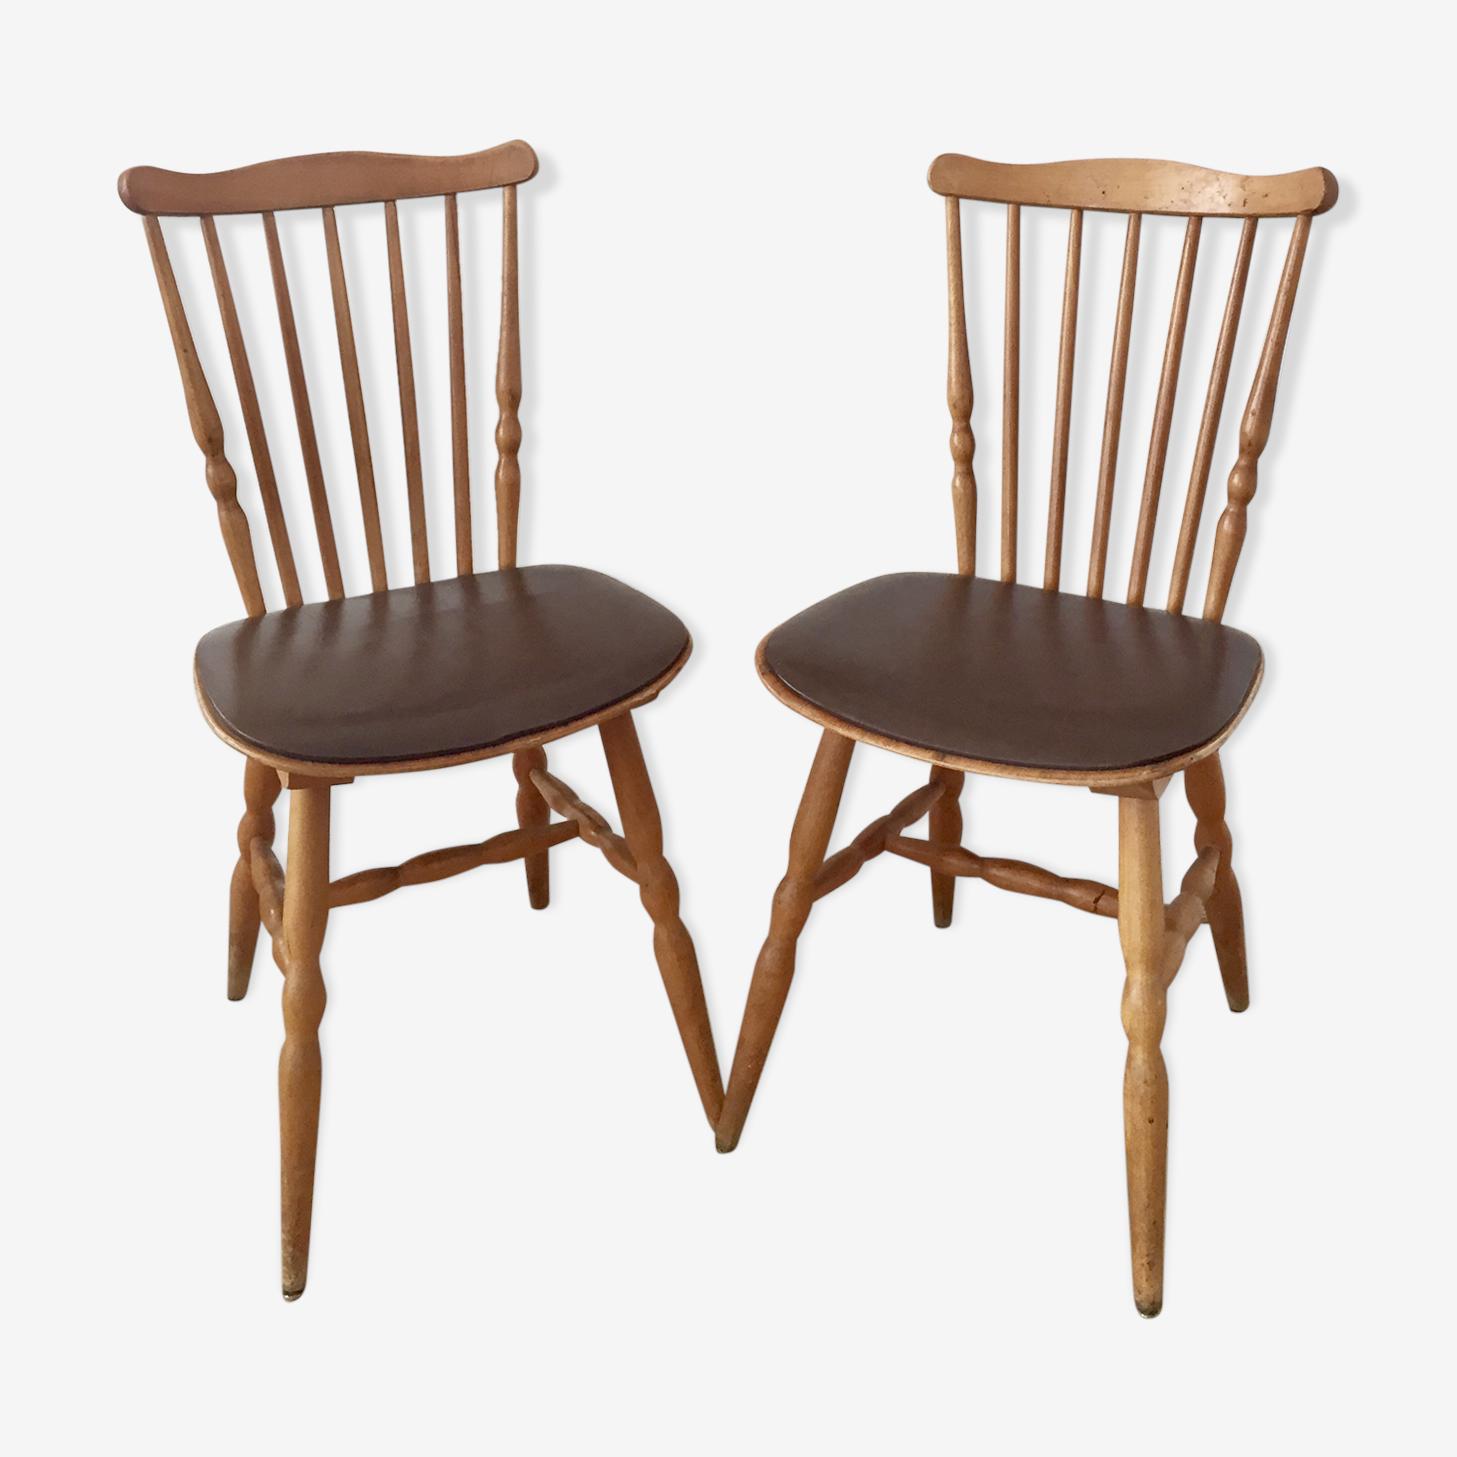 Paire de chaises Baumann modèle Tacoma année 60